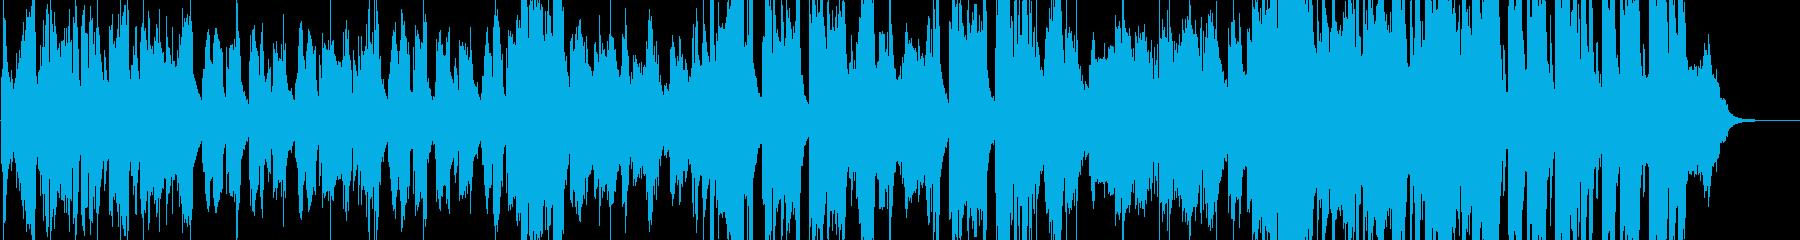 【ベース無し】ジャズ・おしゃれ・バー・…の再生済みの波形